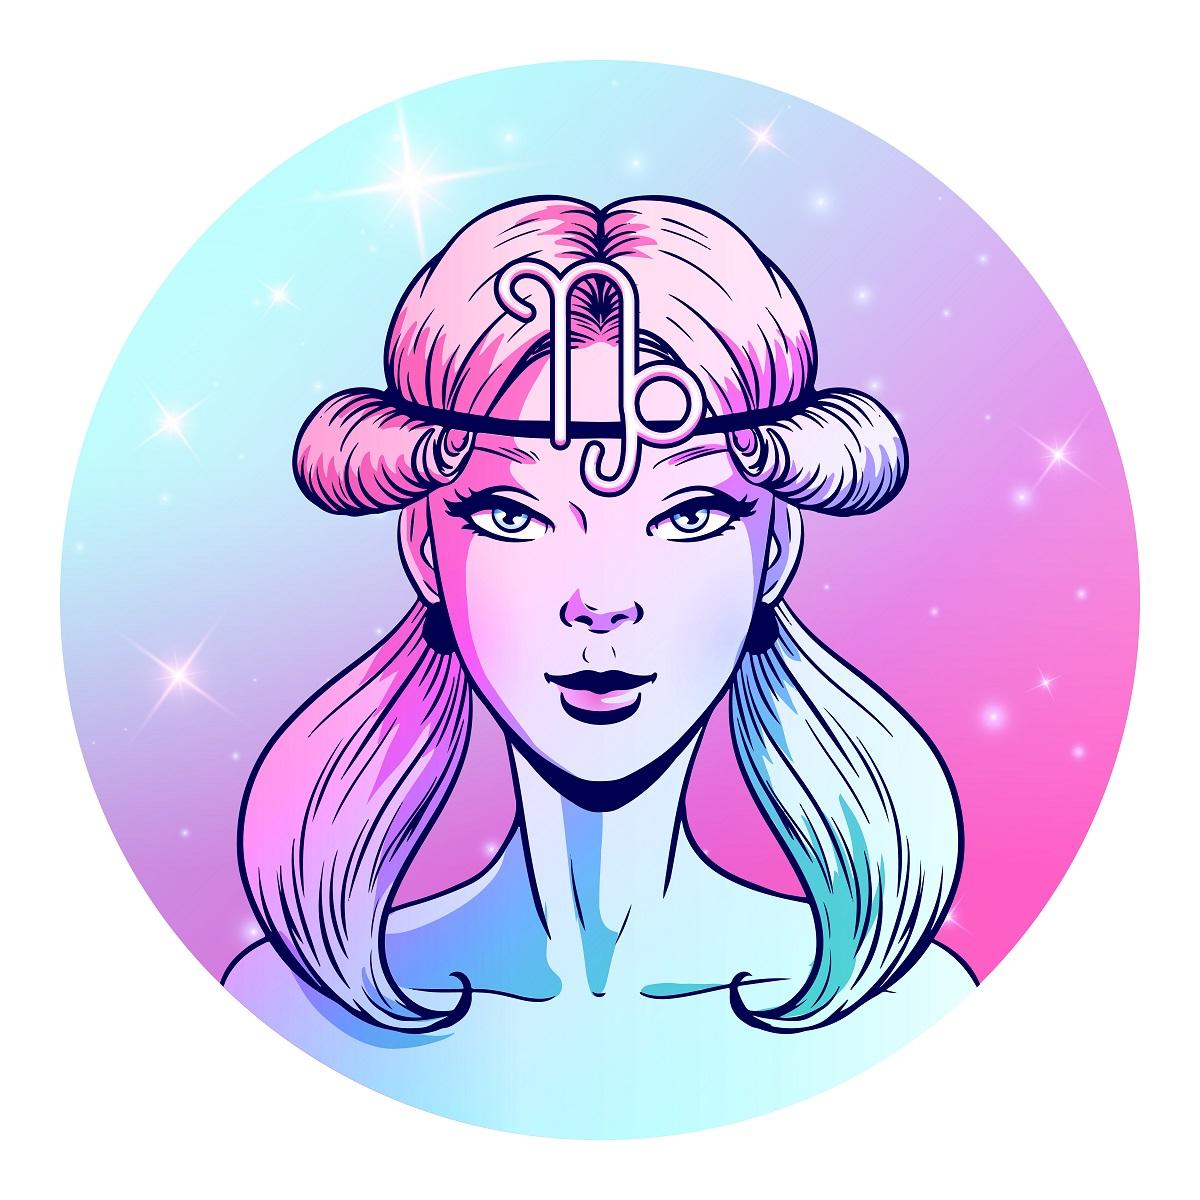 O femeie frumoasă cu părul prins în două cozi care simbolizează semnul zodiacal pentru Capricorn